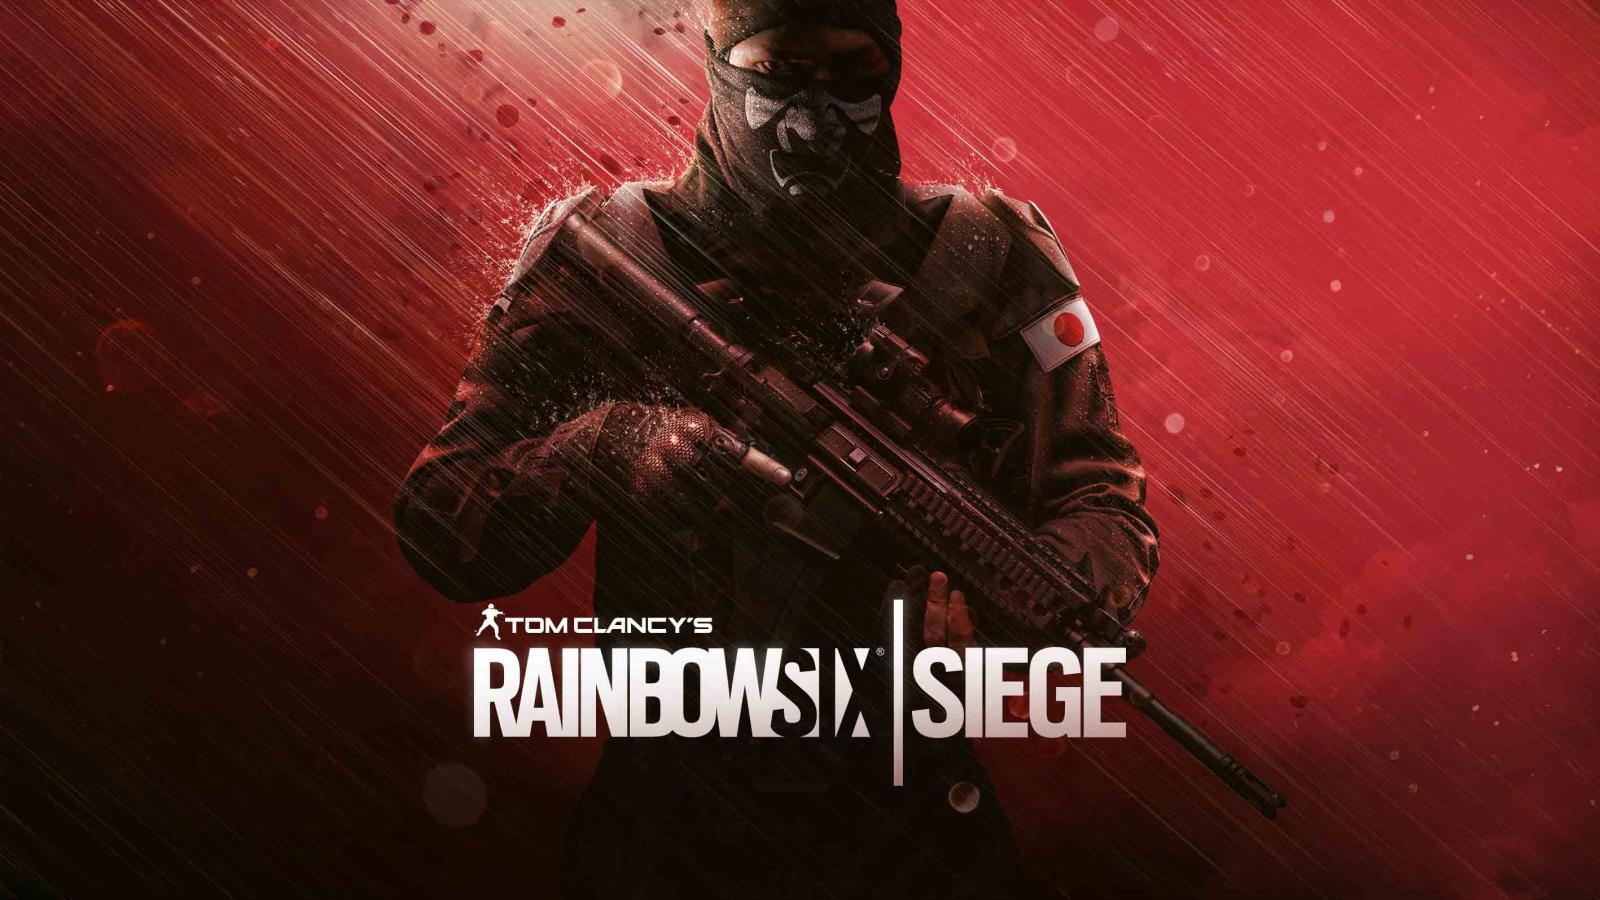 Tom Clancys Rainbow Six Siege 2017, Full HD 2K Wallpaper